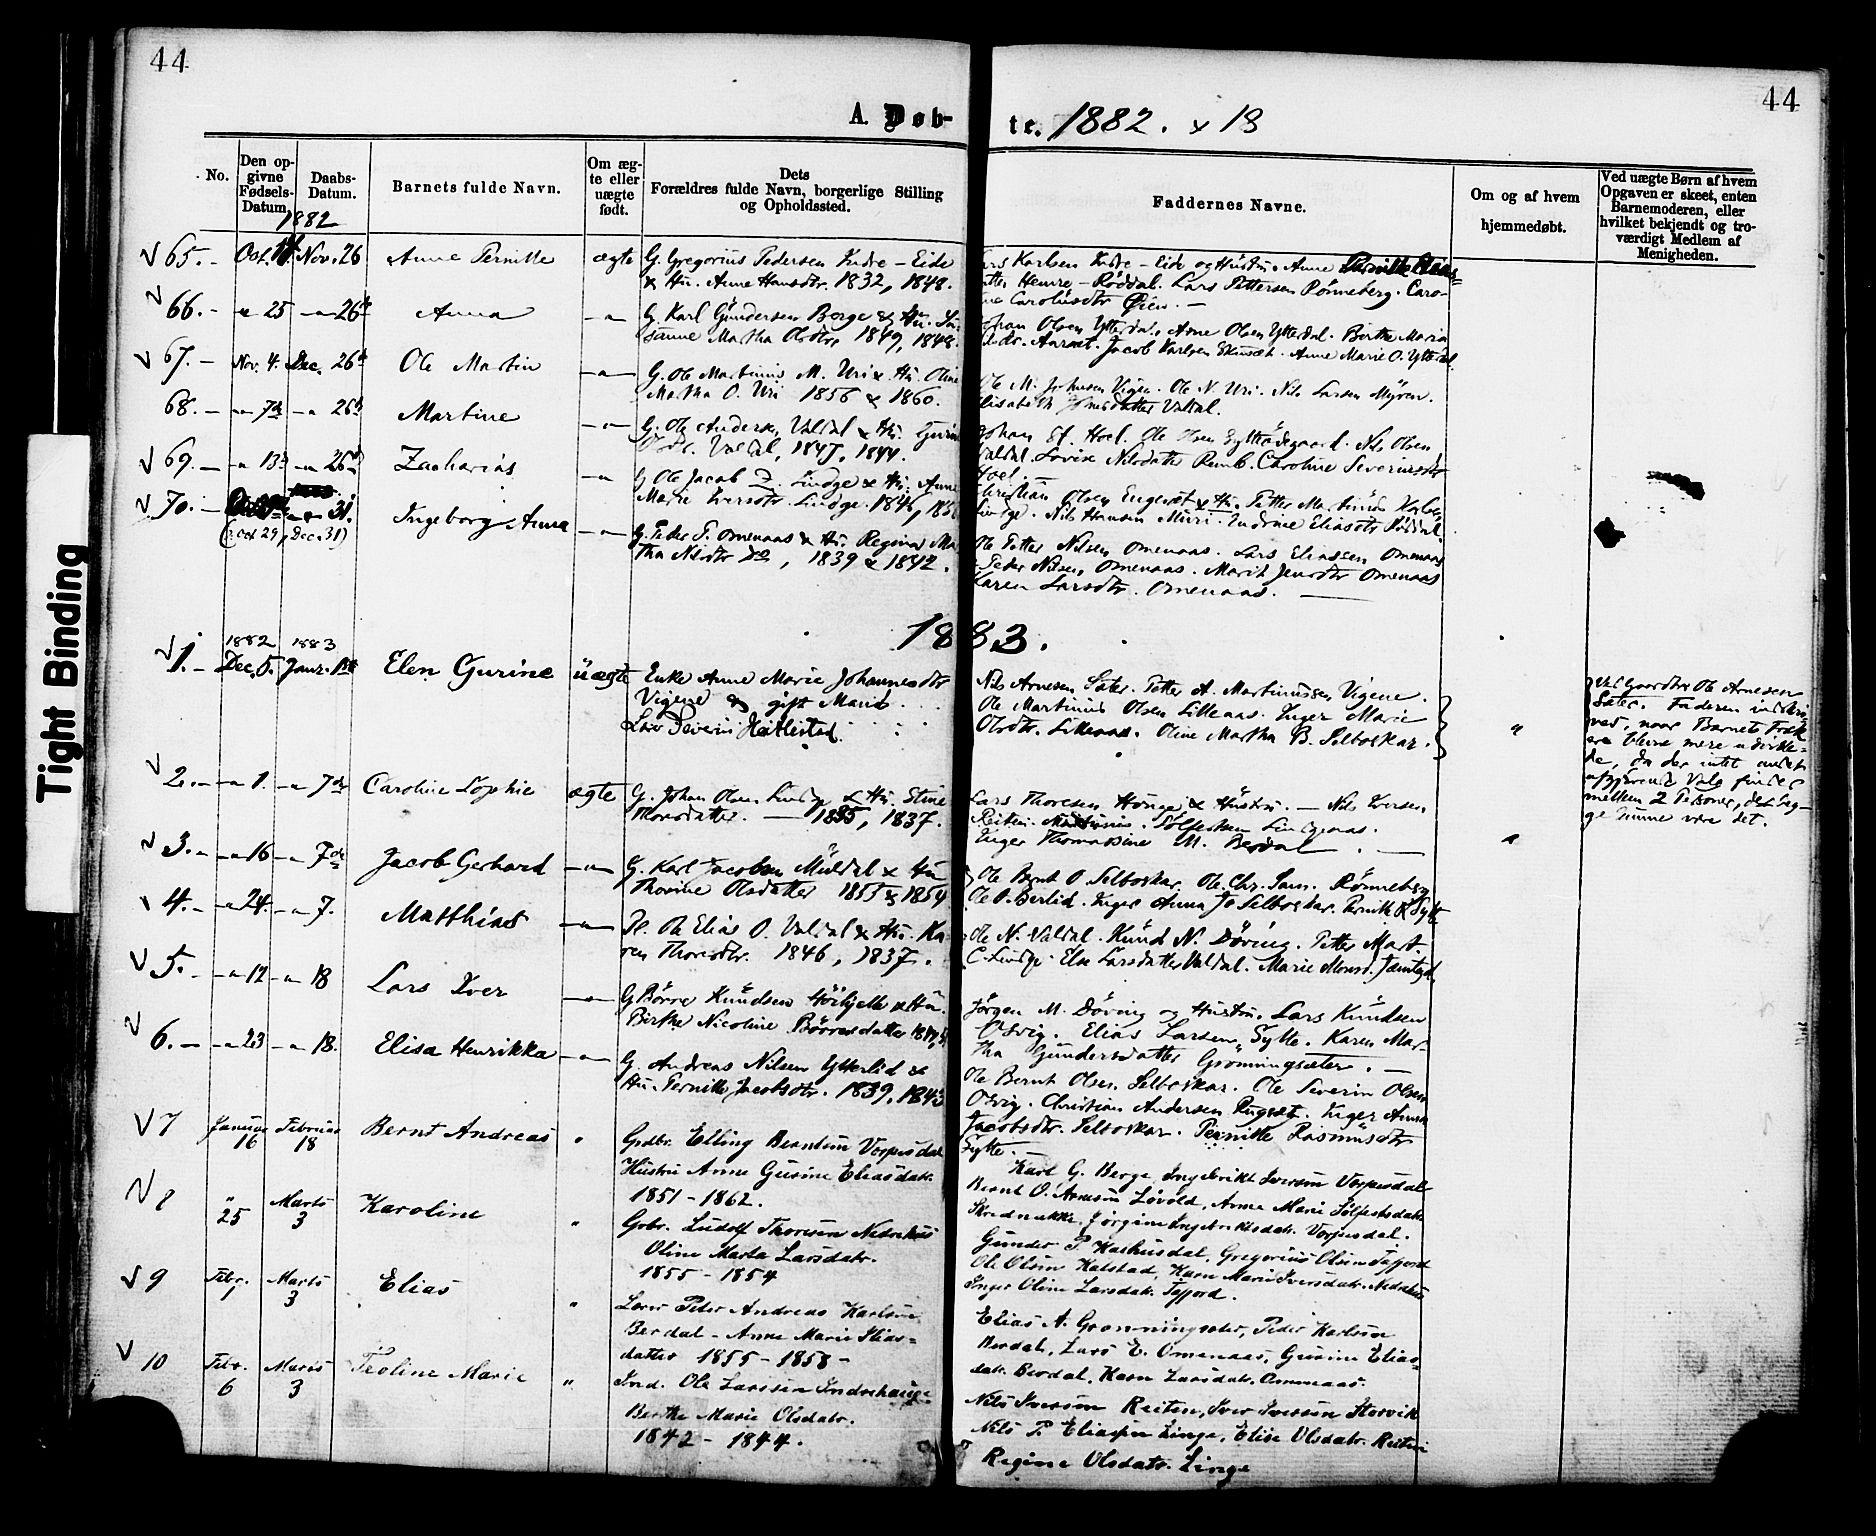 SAT, Ministerialprotokoller, klokkerbøker og fødselsregistre - Møre og Romsdal, 519/L0254: Ministerialbok nr. 519A13, 1868-1883, s. 44